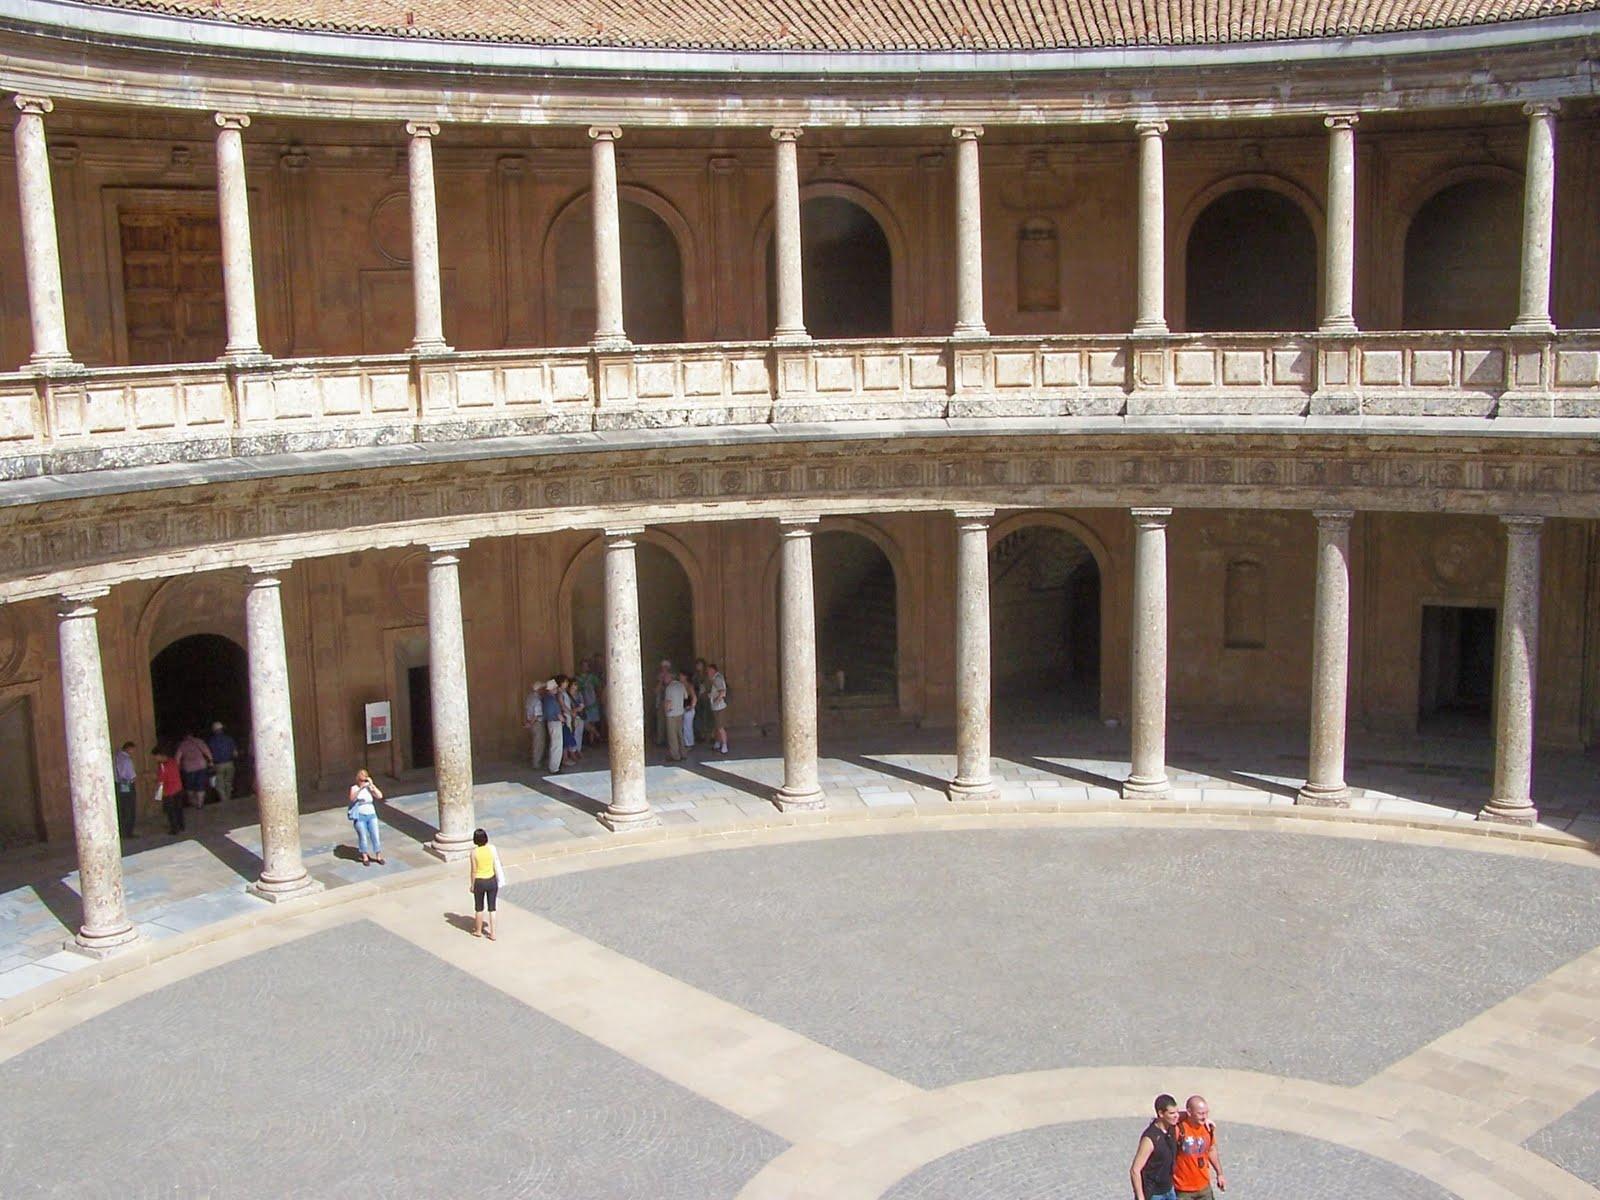 La Disposición Del Palacio De Carlos V En Granada Es Verdaderamente  Novedosa Para Las Fechas En Que Se Comenzó A Construir. De Planta Cuadrada,  El Espacio ...